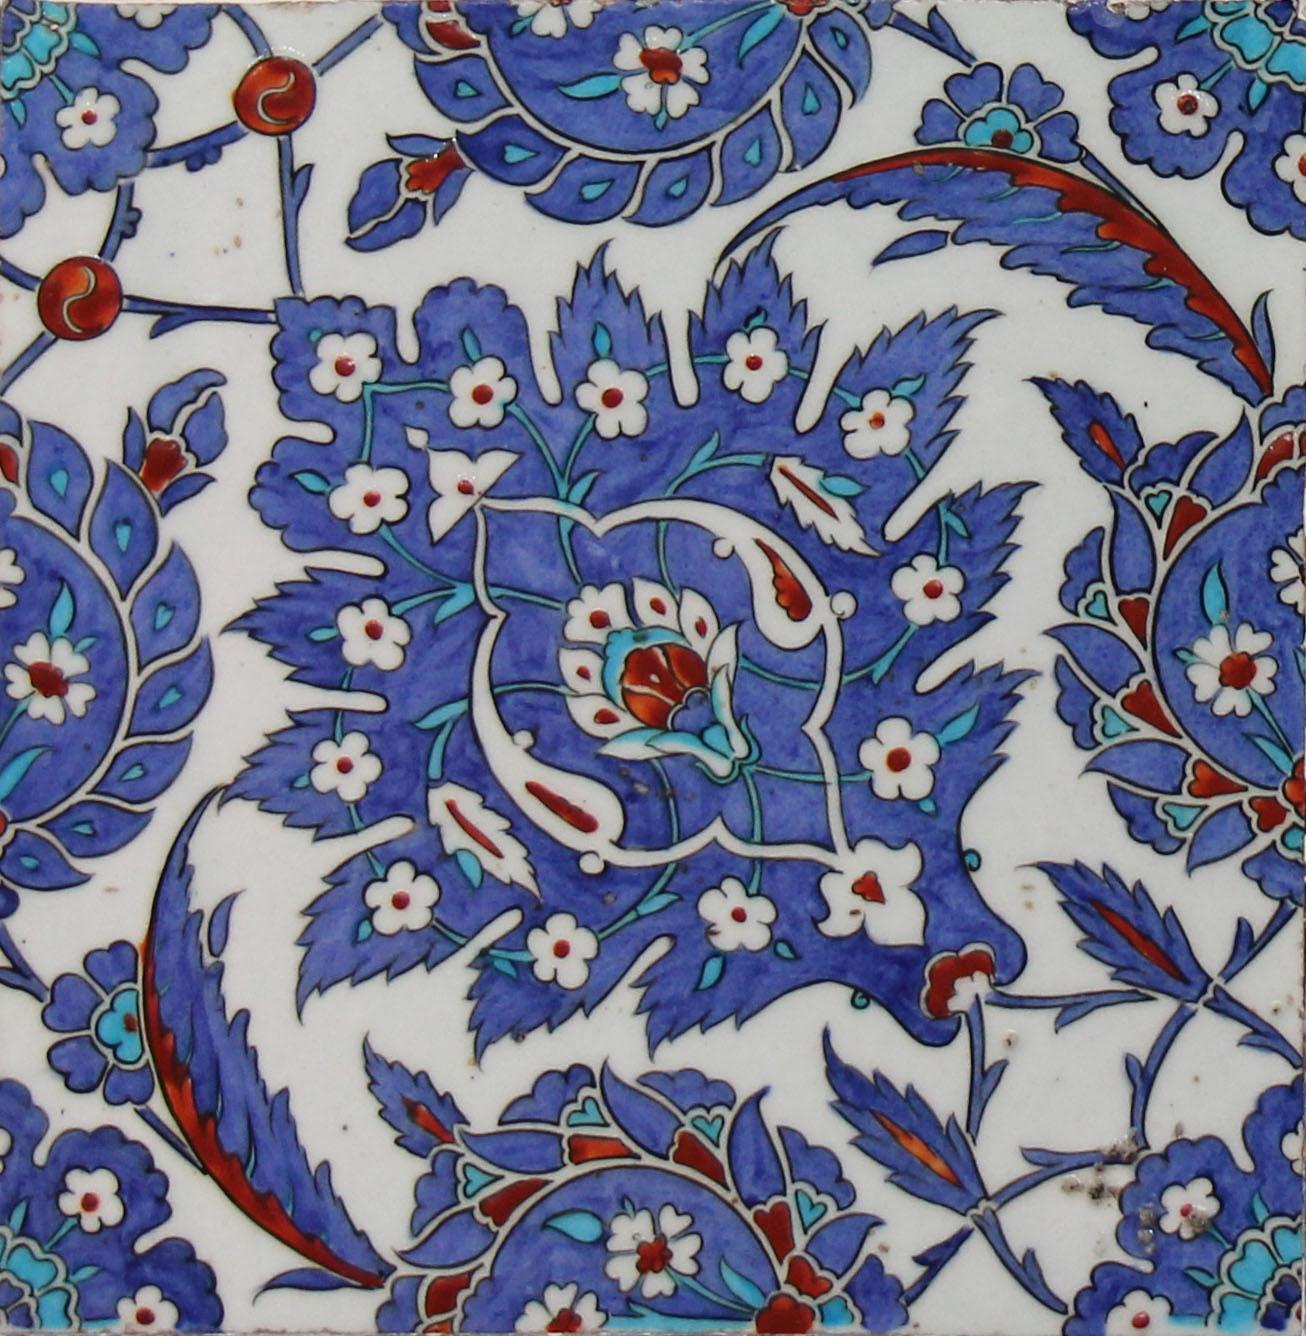 File:Rüstem Pasha mosque tiles - single tile.jpg - Wikimedia Commons